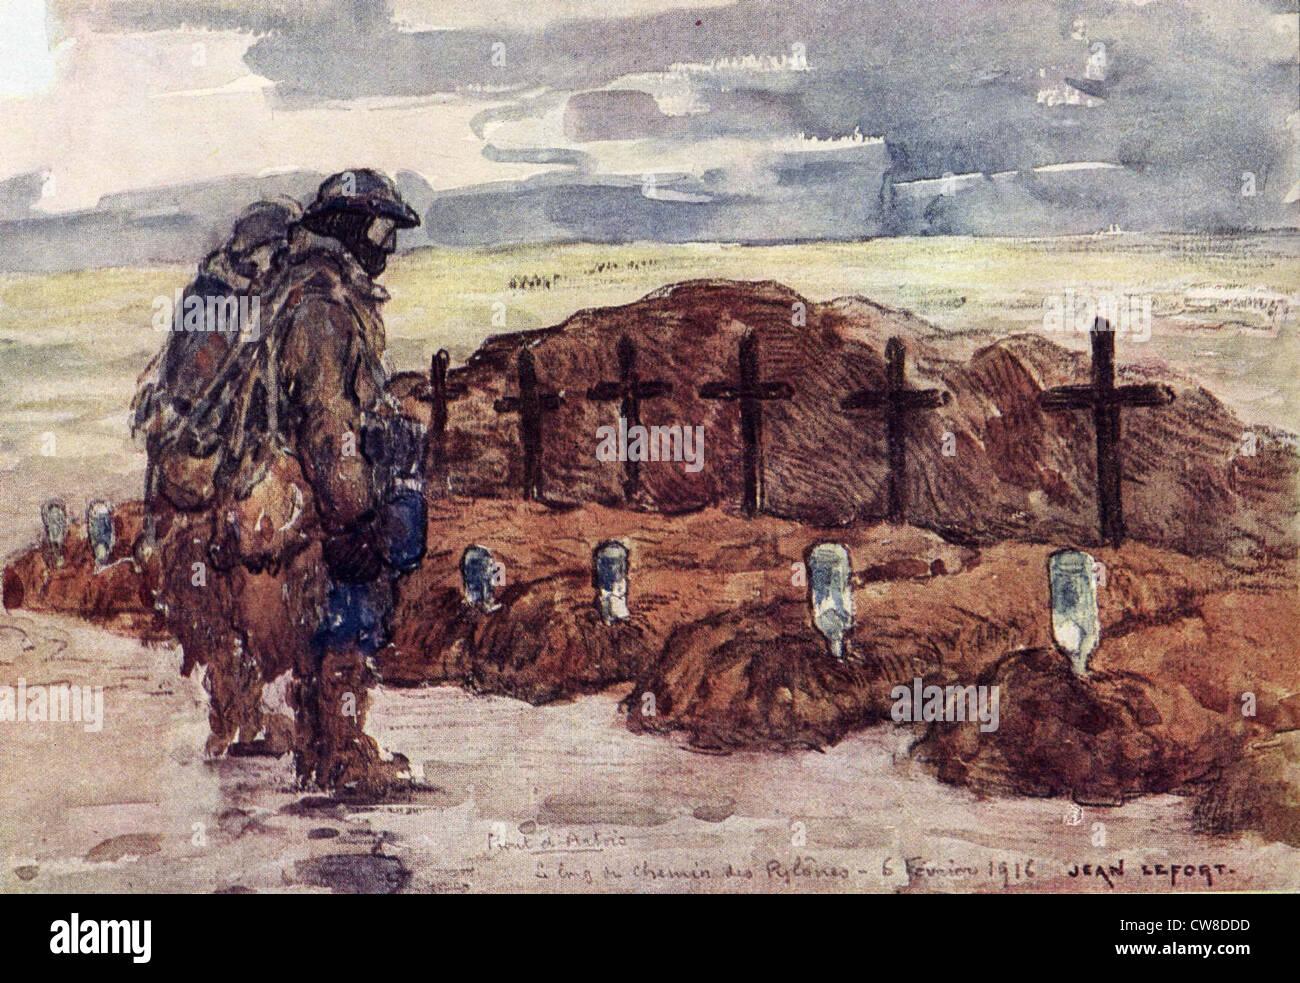 """Lefort, Camaradas"""" tumbas en el Artois delante. Imagen De Stock"""